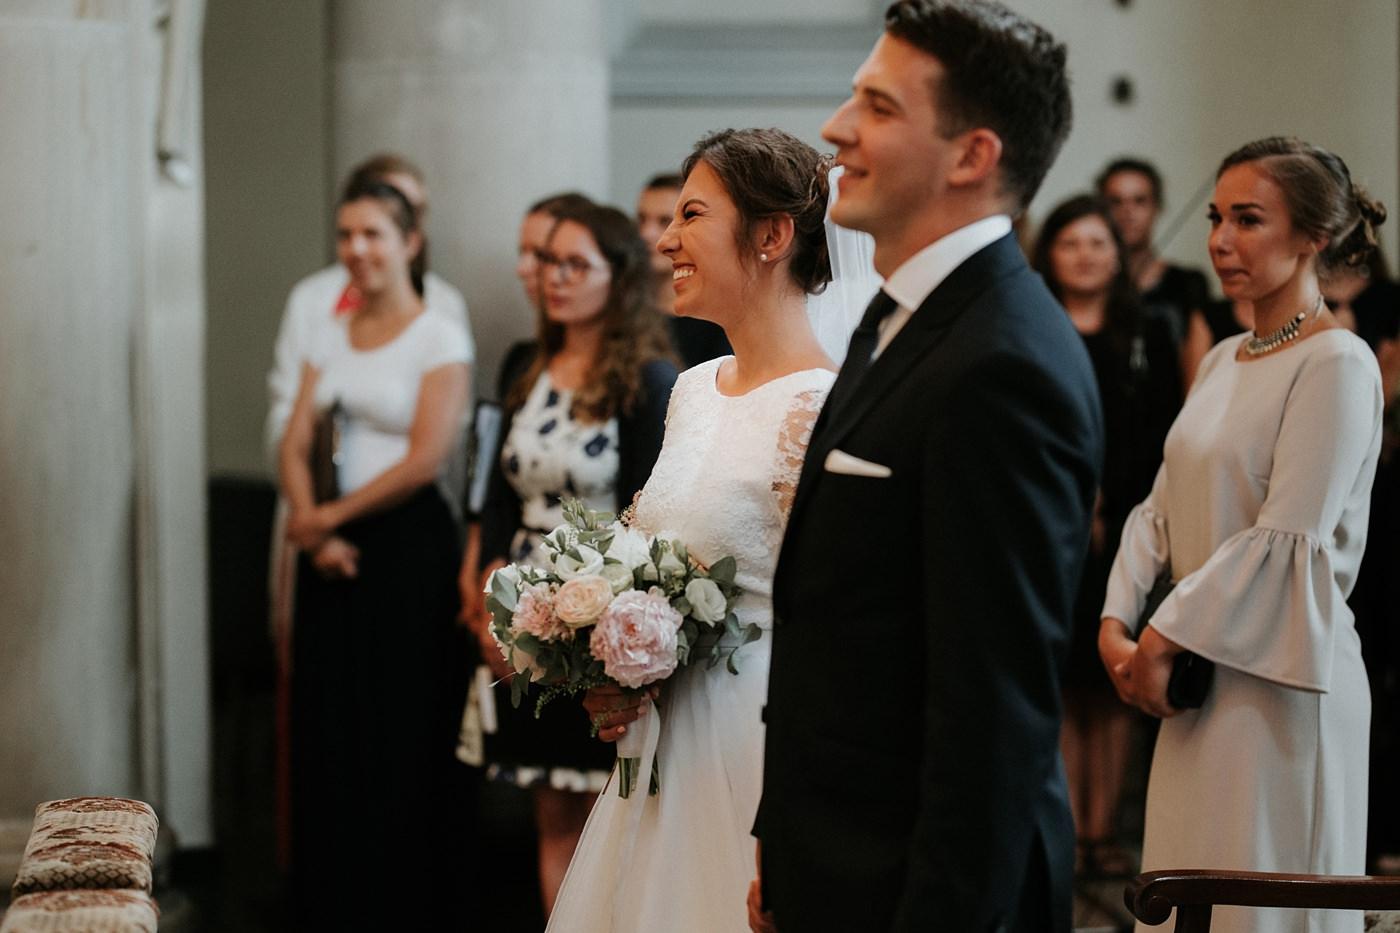 Dominika & Aleksander - Rustykalne wesele w stodole - Baborówko 48